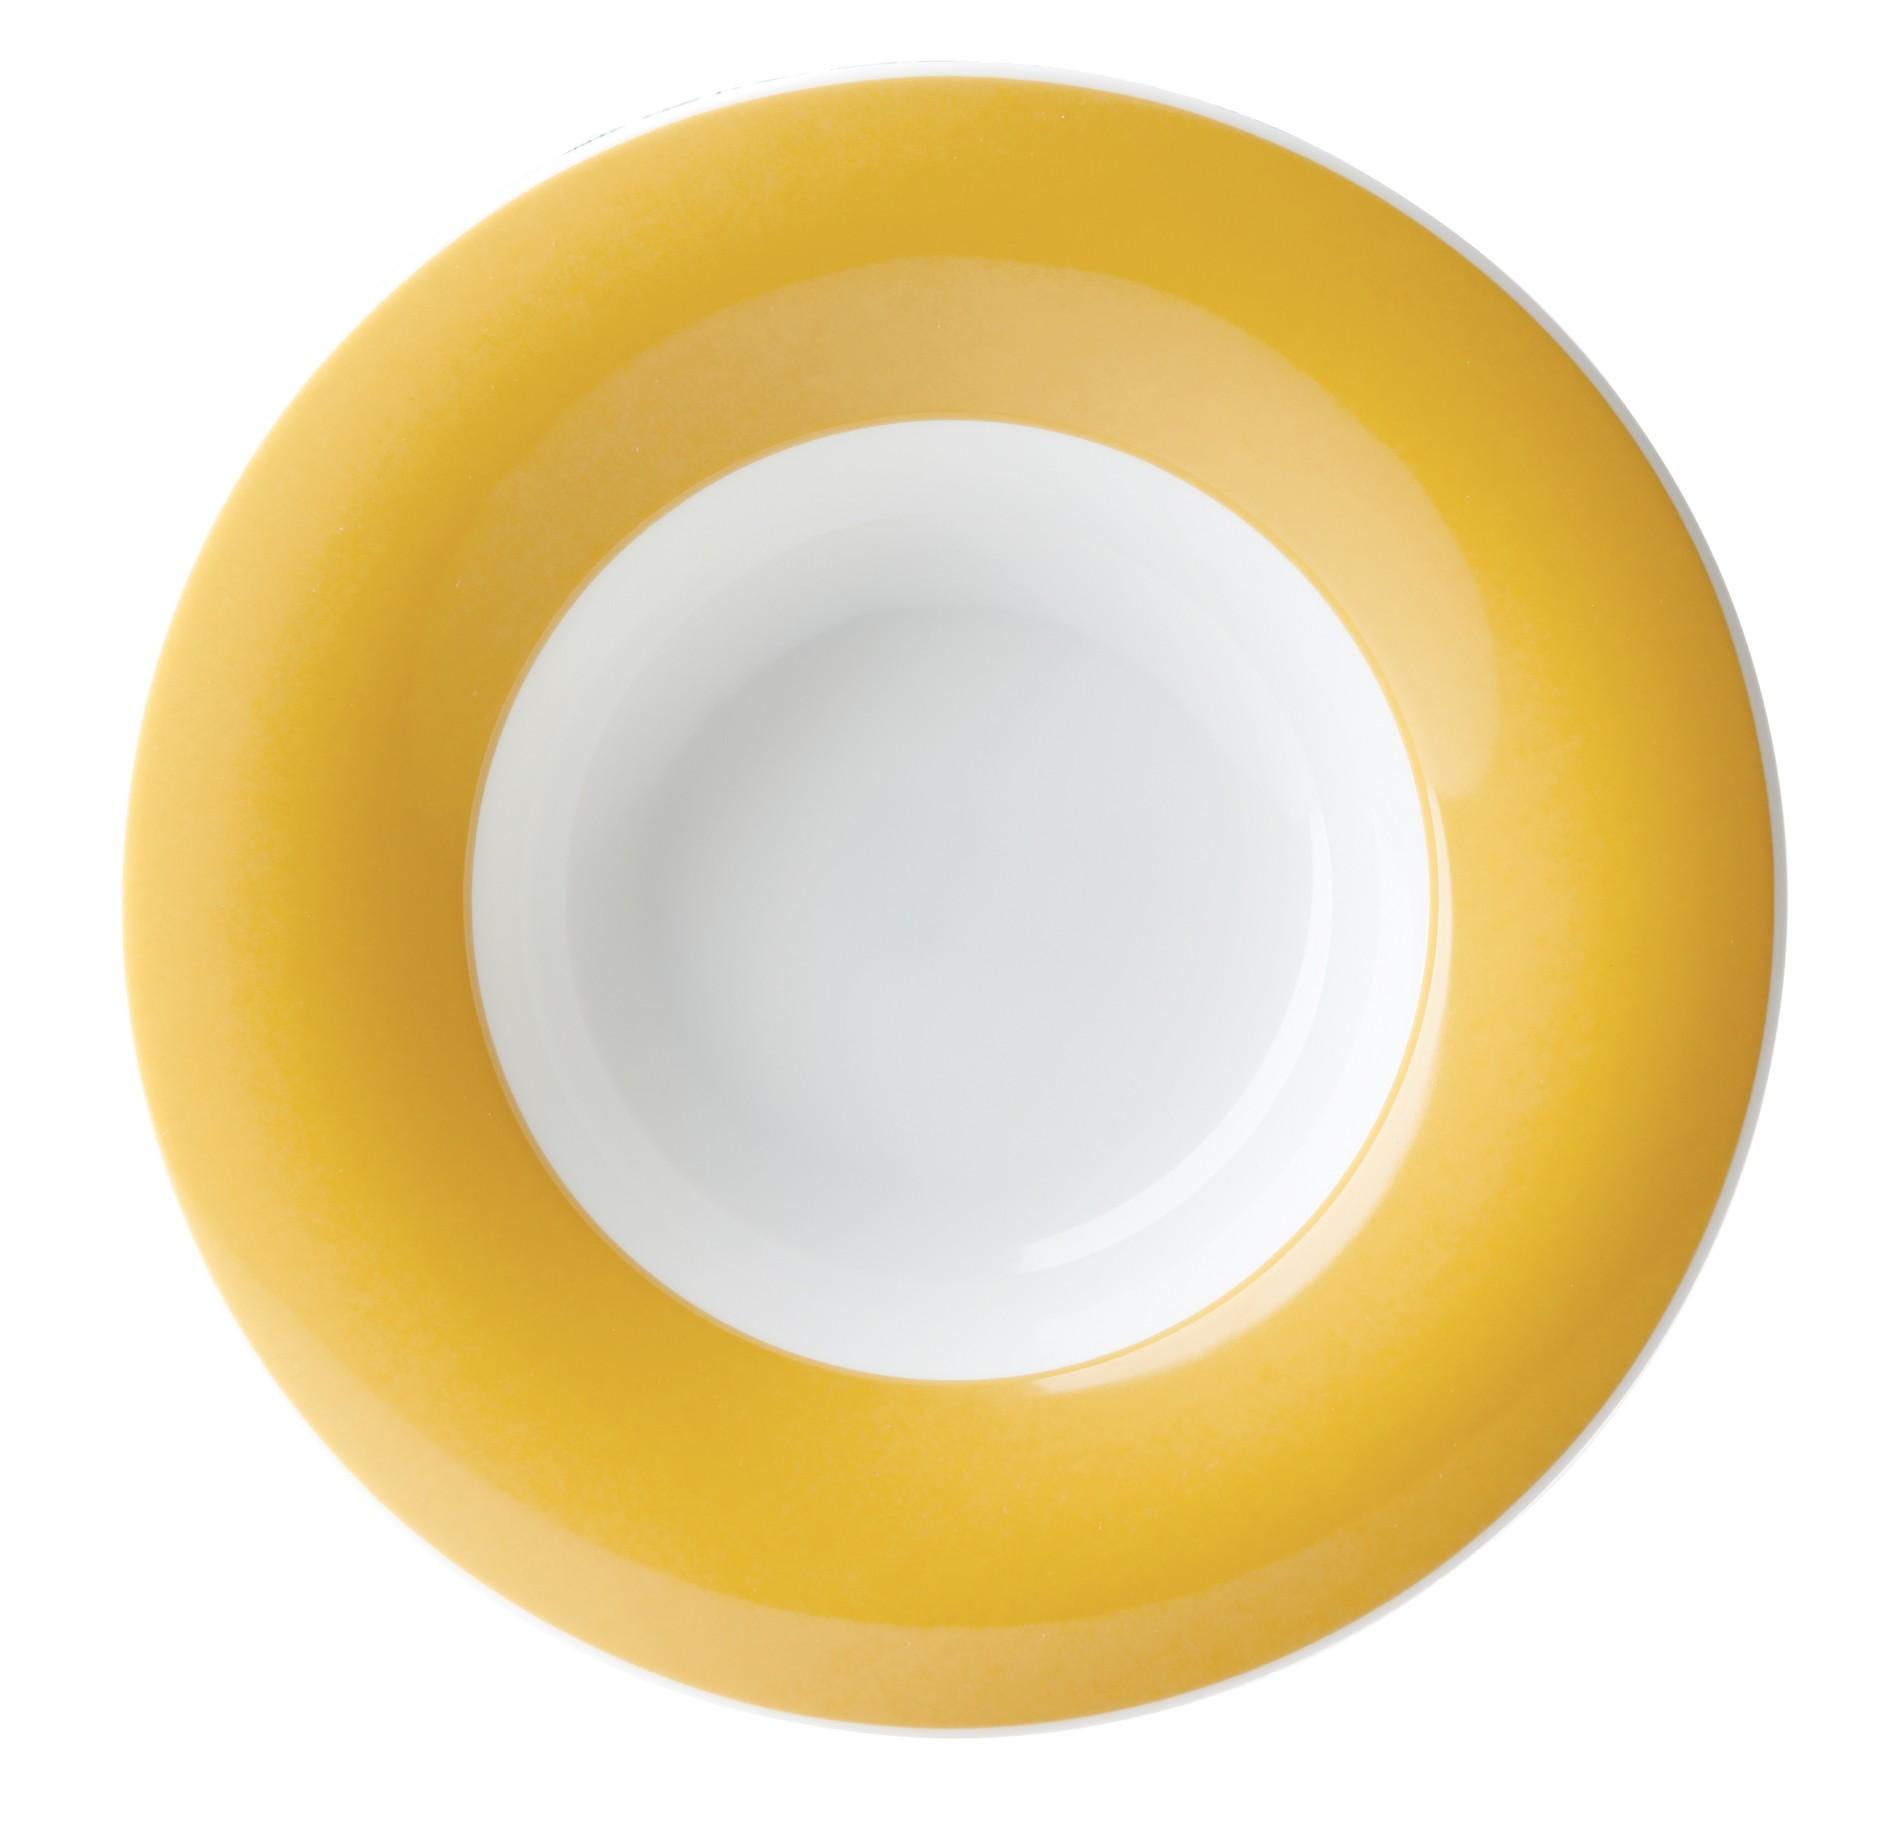 Πιάτο Βαθύ Σετ 6Τμχ Φως 23cm Ionia home   ειδη σερβιρισματος   πιάτα